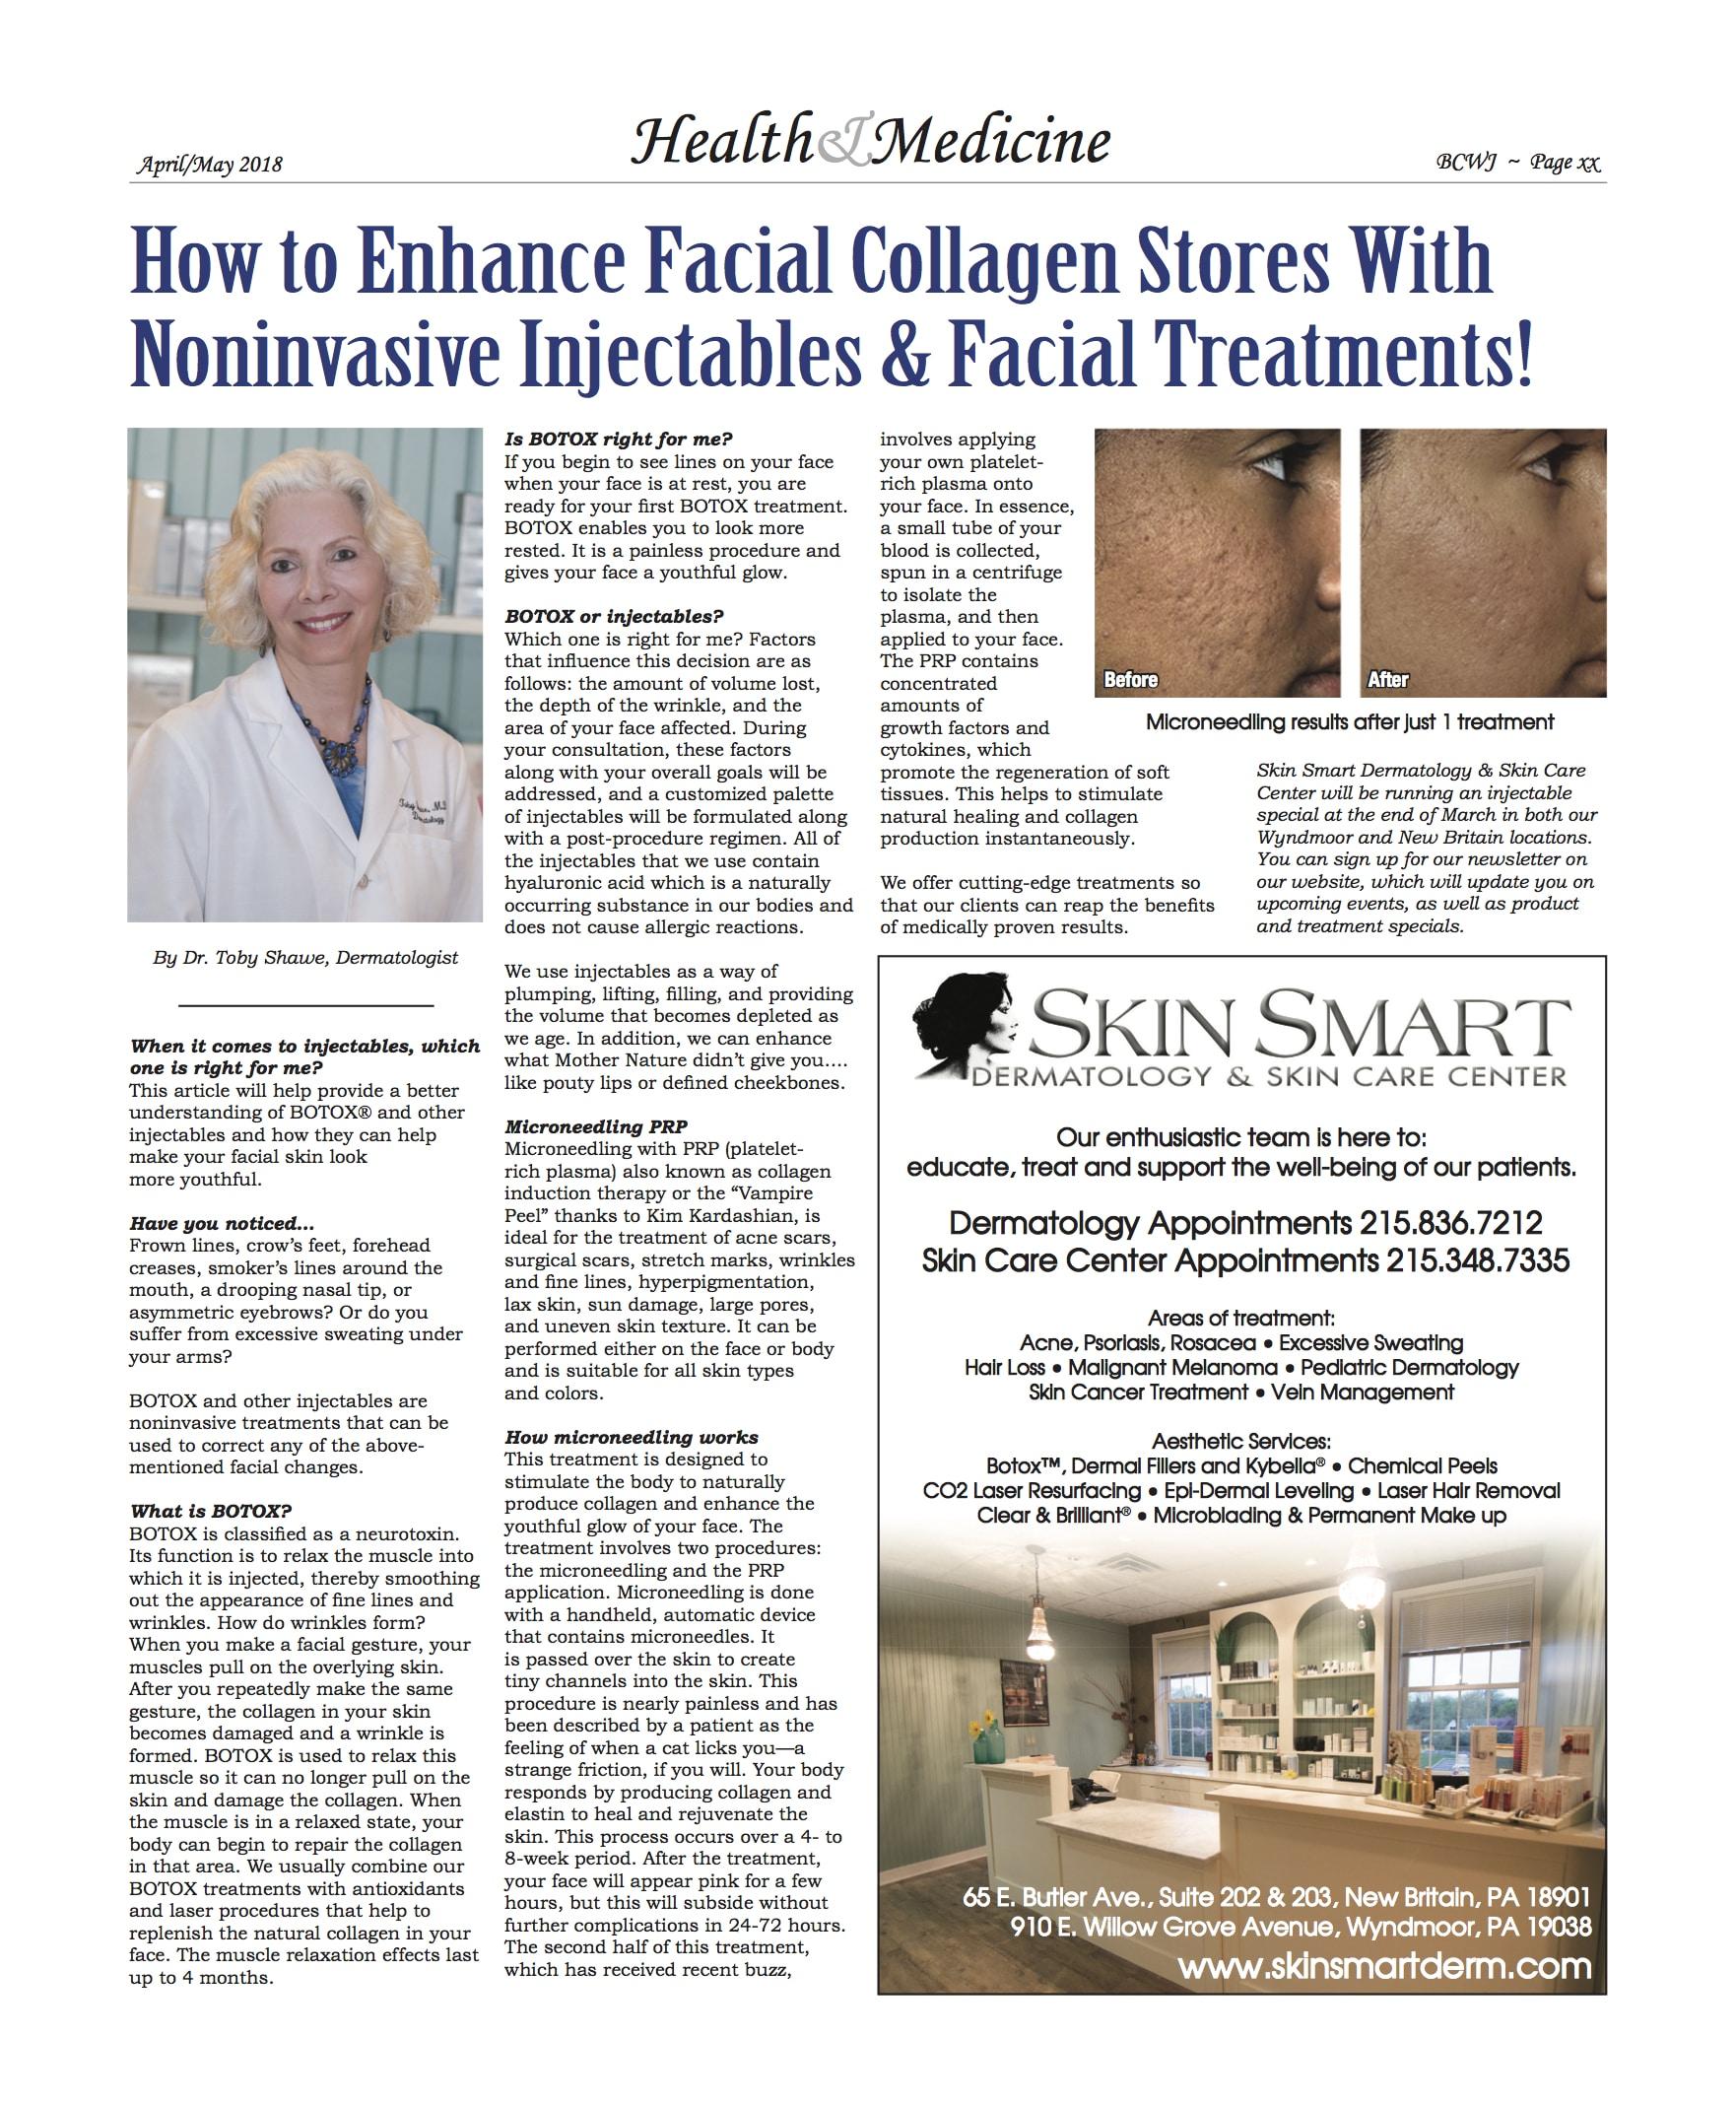 enhance facial collagen